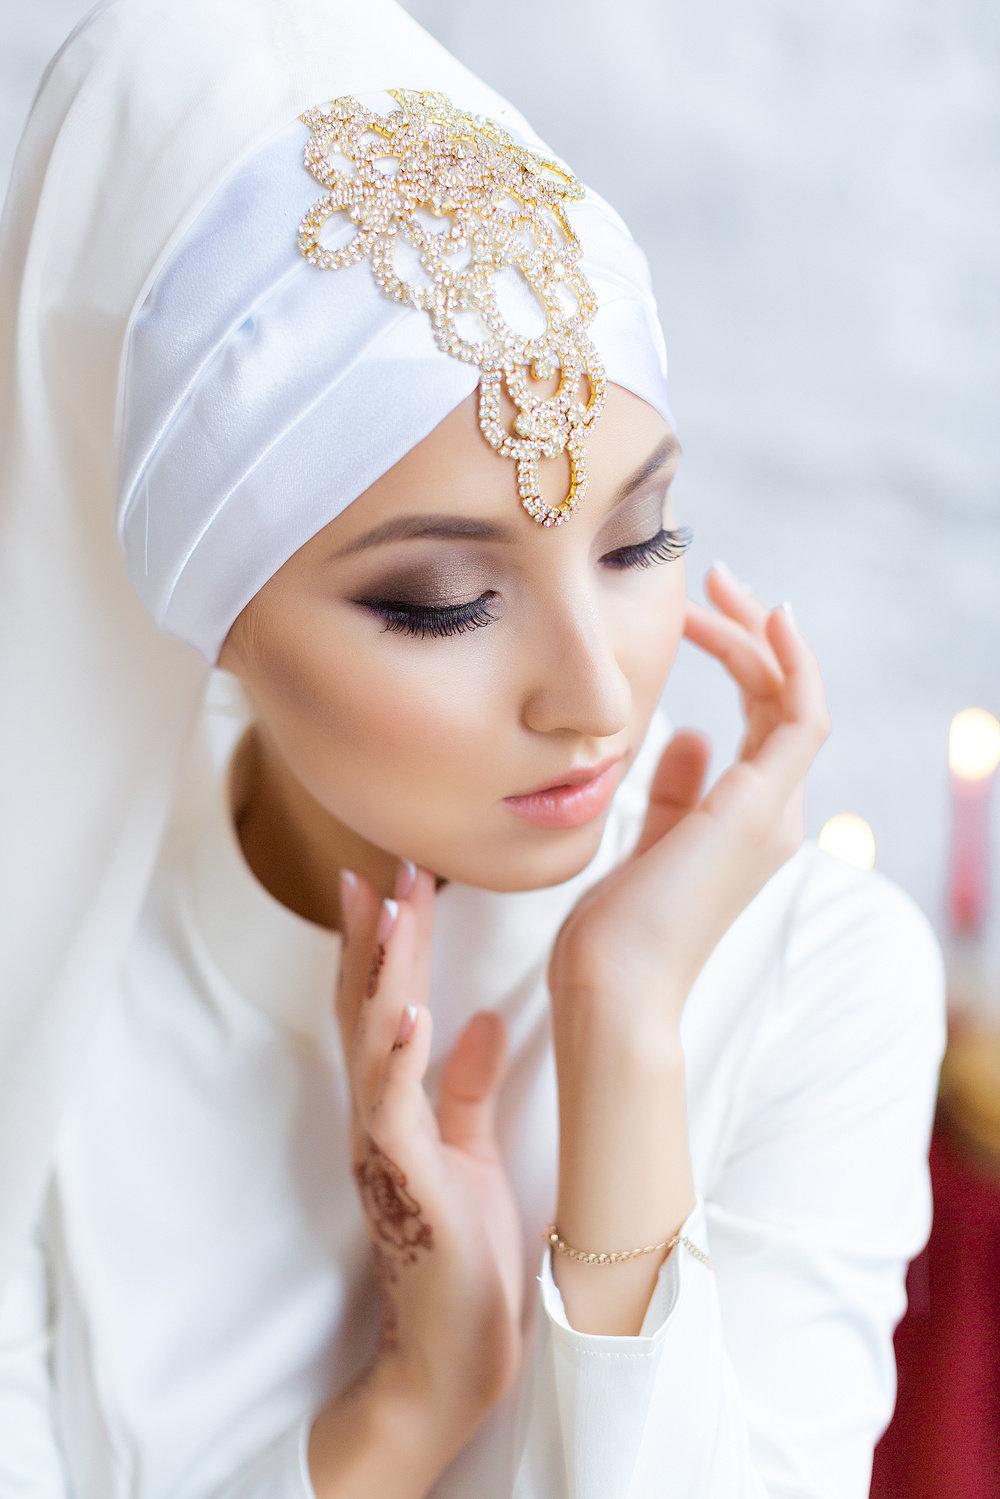 Фото с красивым макияжем для мусульманок